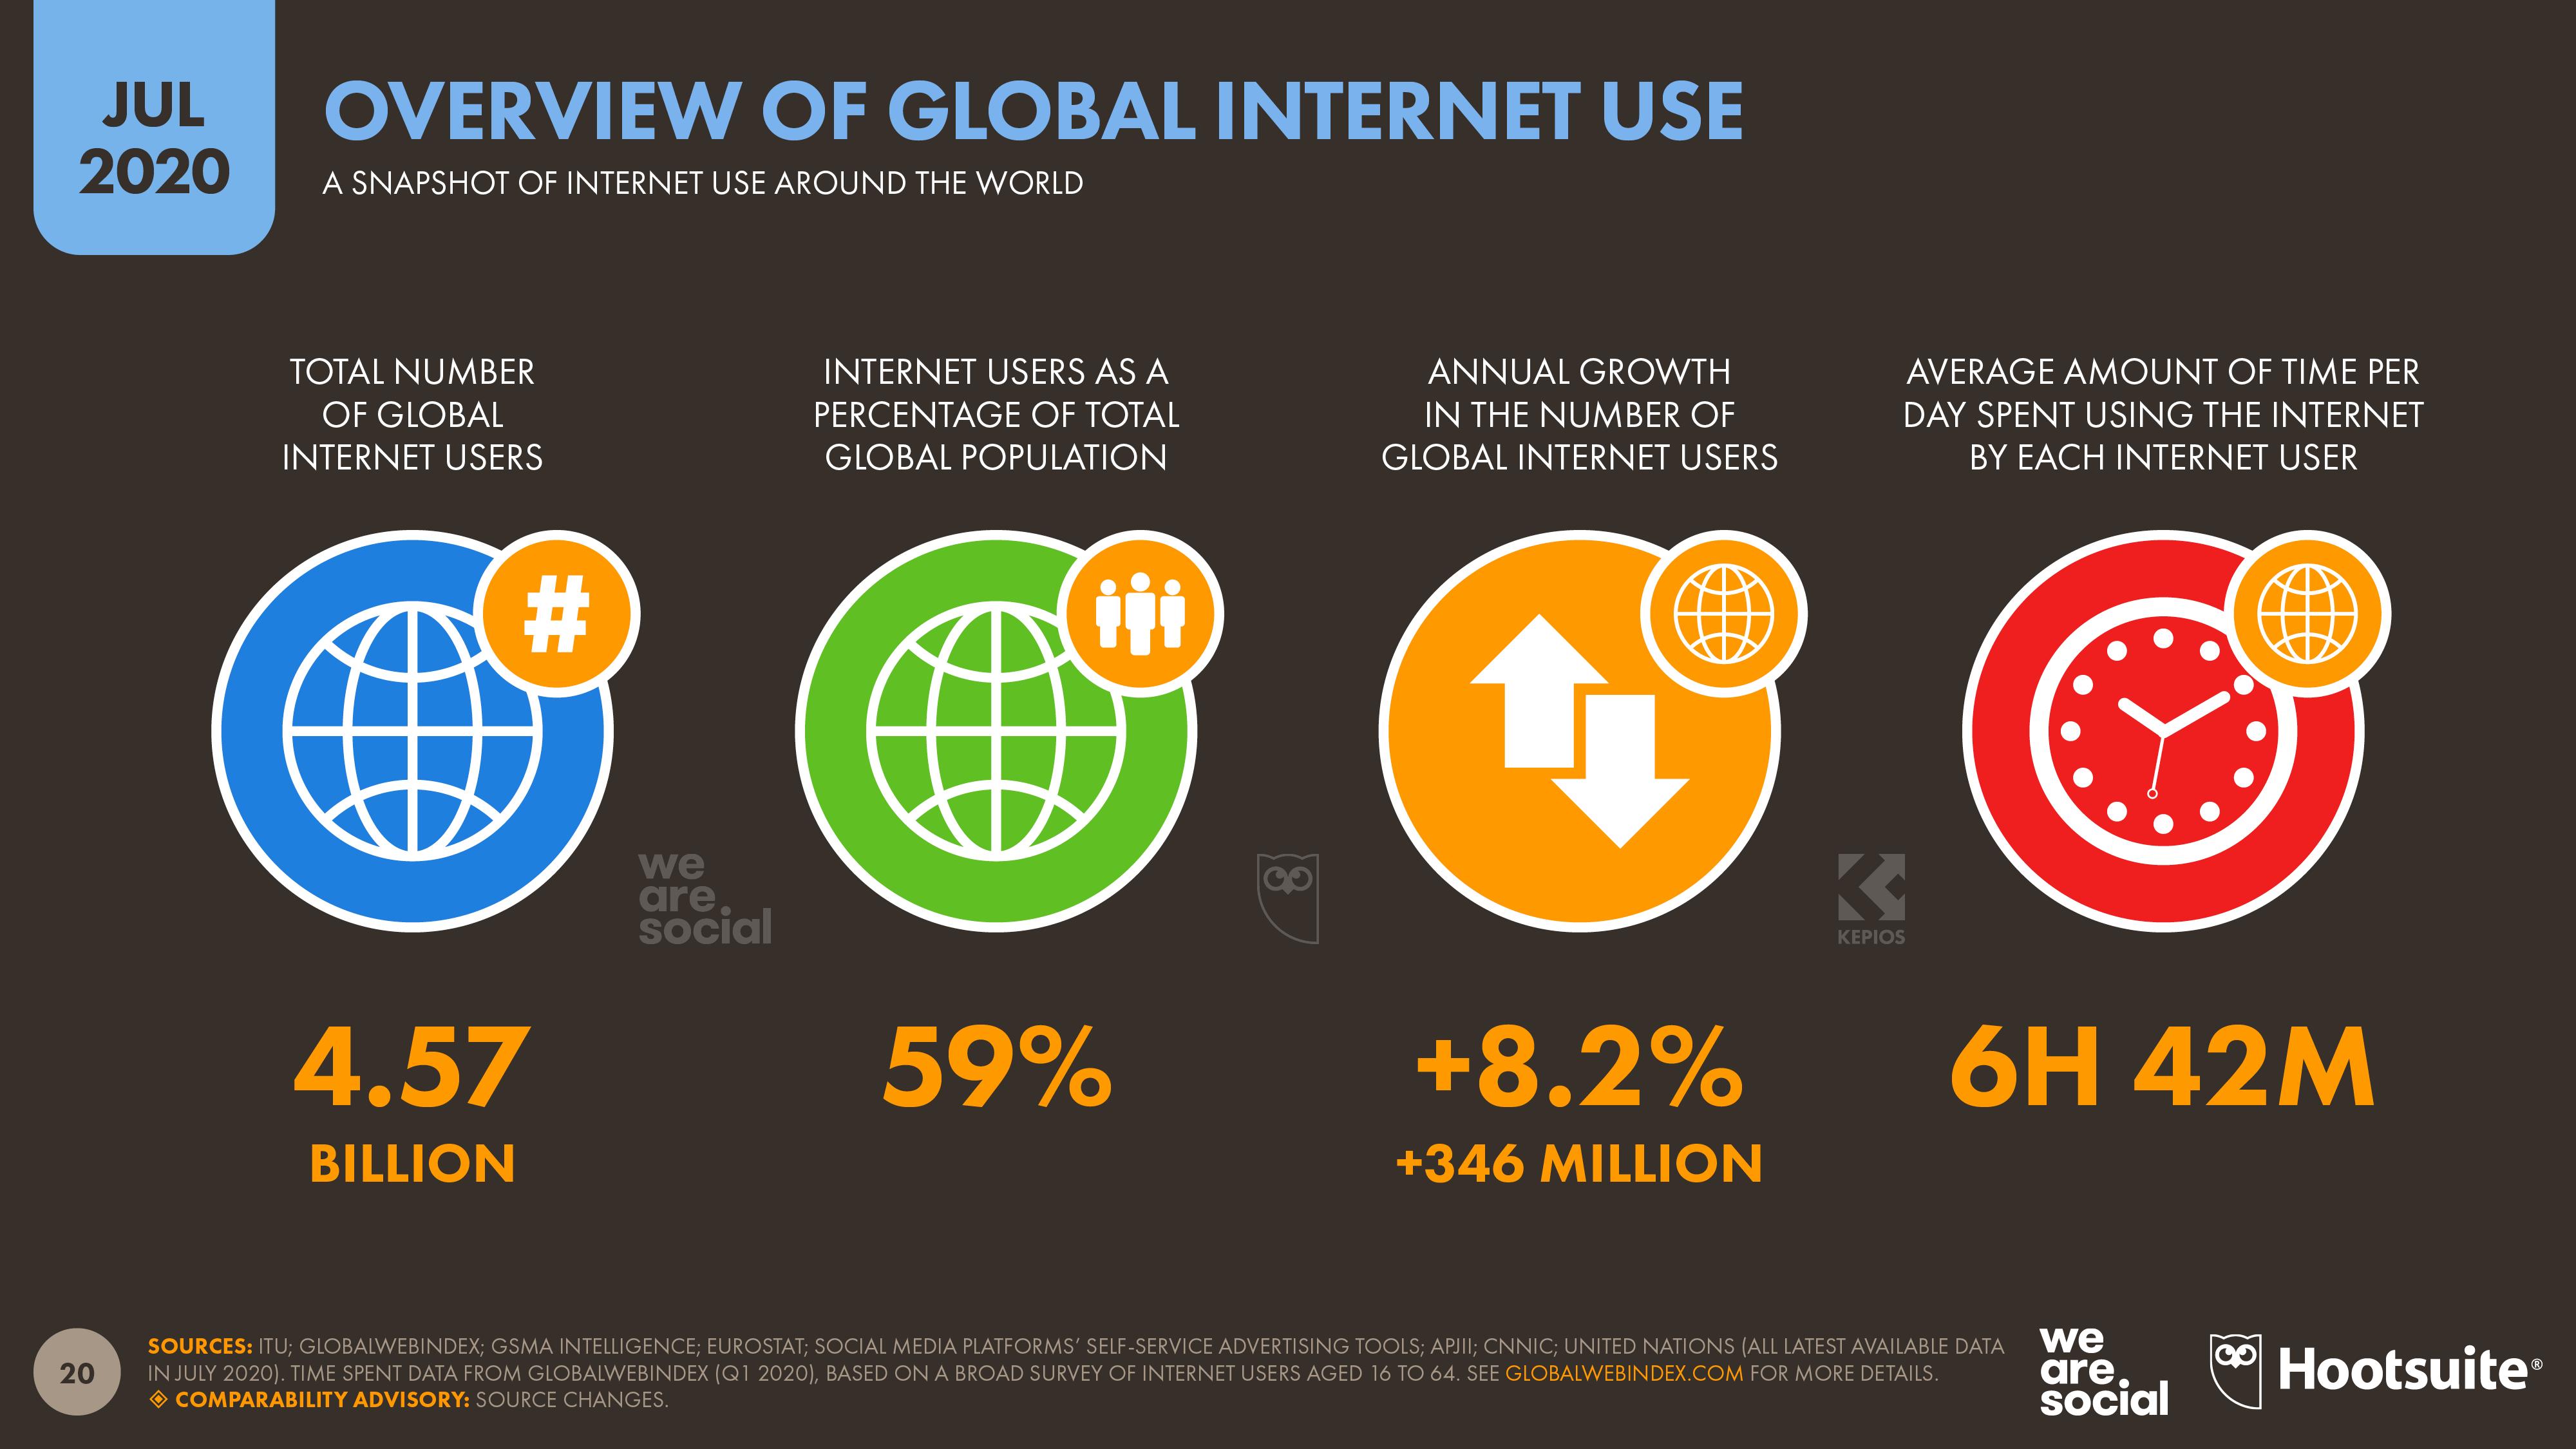 03-internet-overview-datareportal-20200721-digital-2020-july-statshot-report-slide-20